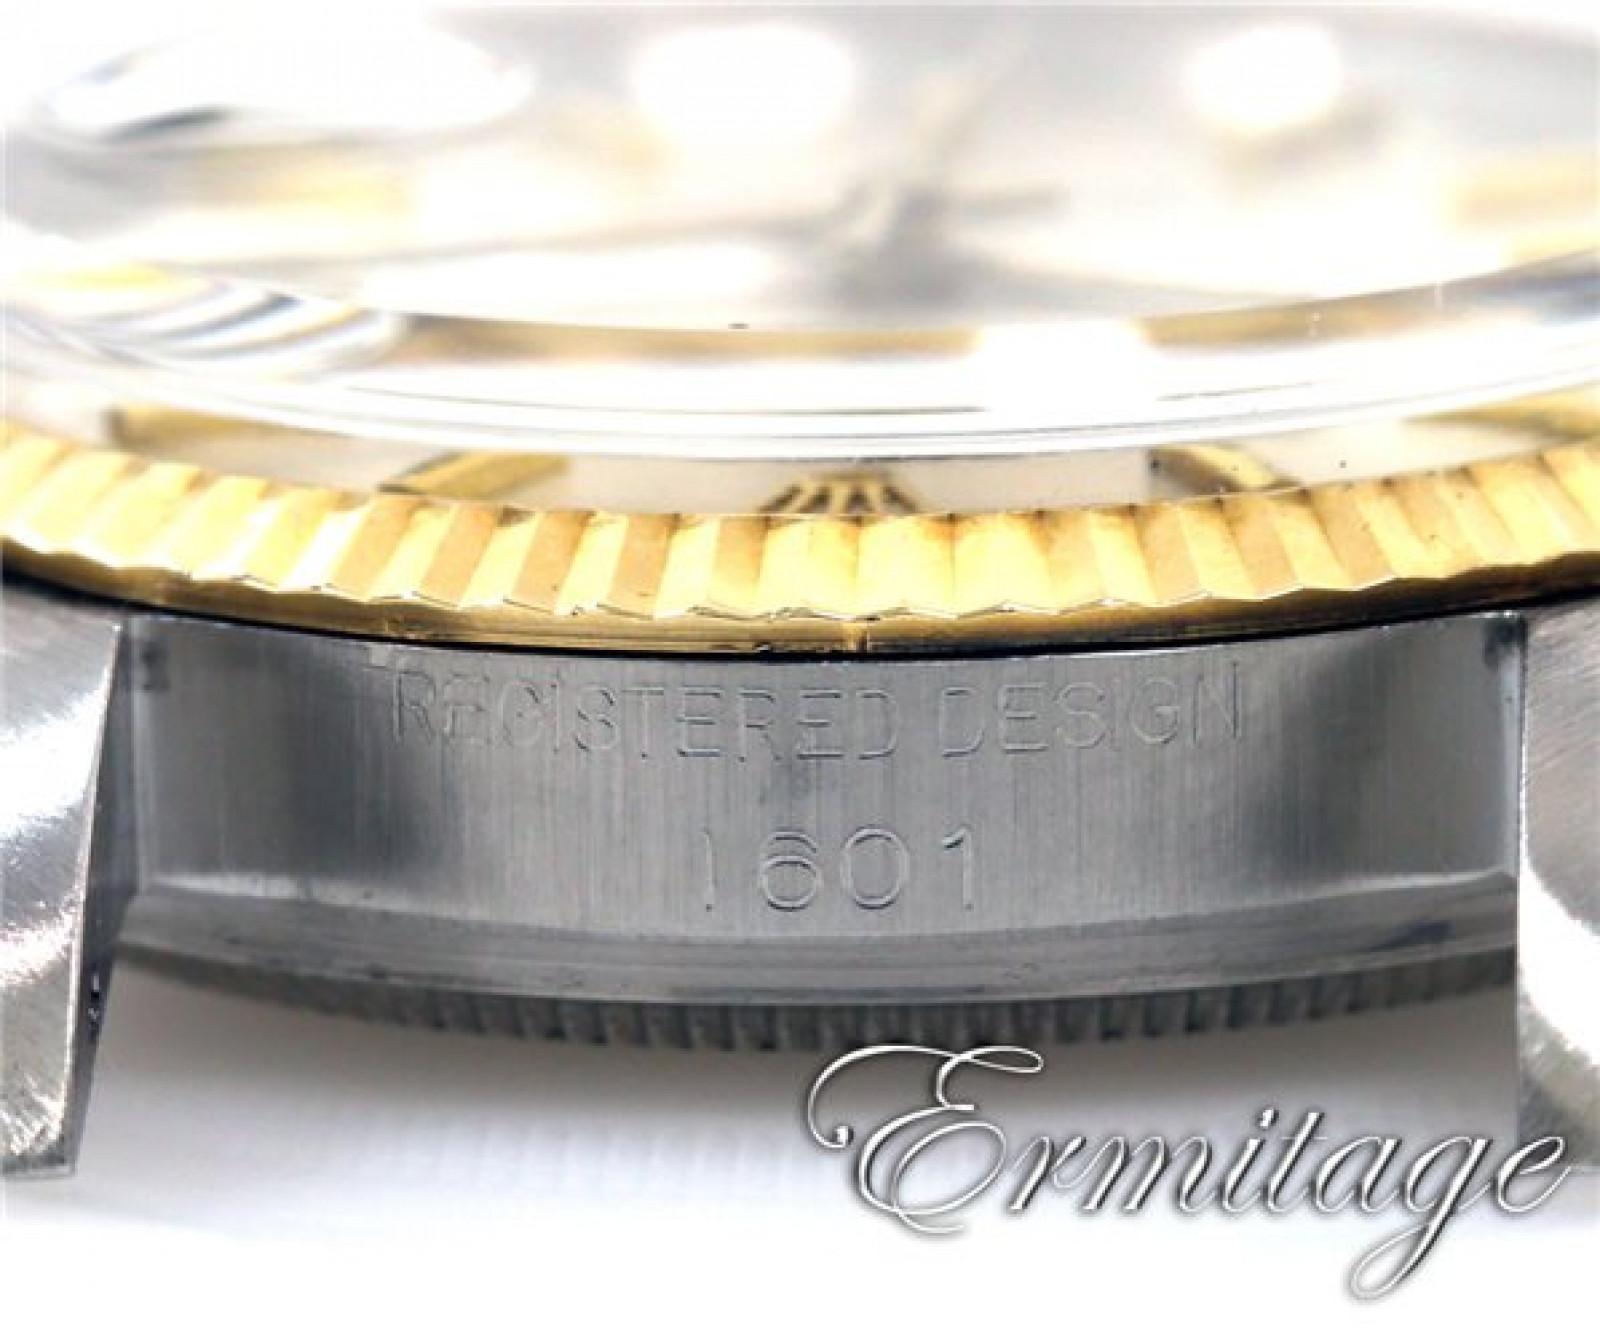 Vintage Rolex Datejust 1601 Gold & Steel Year 1964